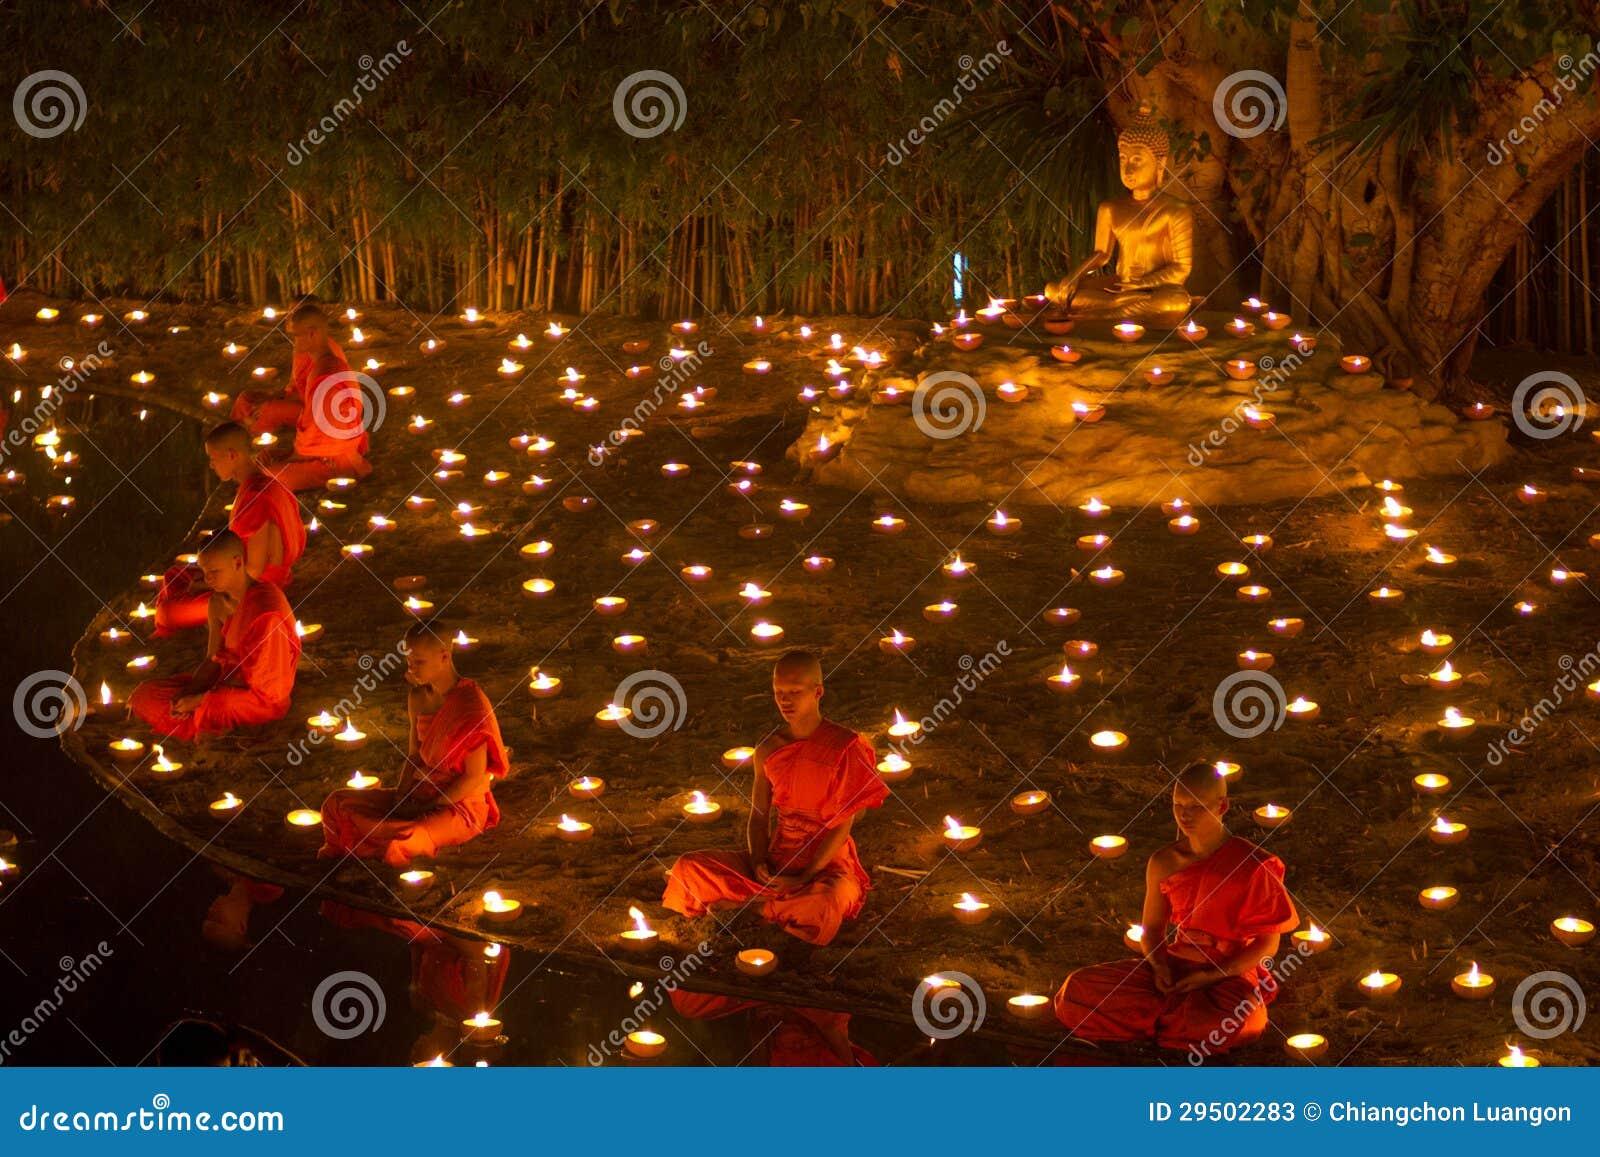 CHIANGMAI, THAILAND - FEBRUARI 25: Niet geïdentificeerde Thaise monnikenmedi